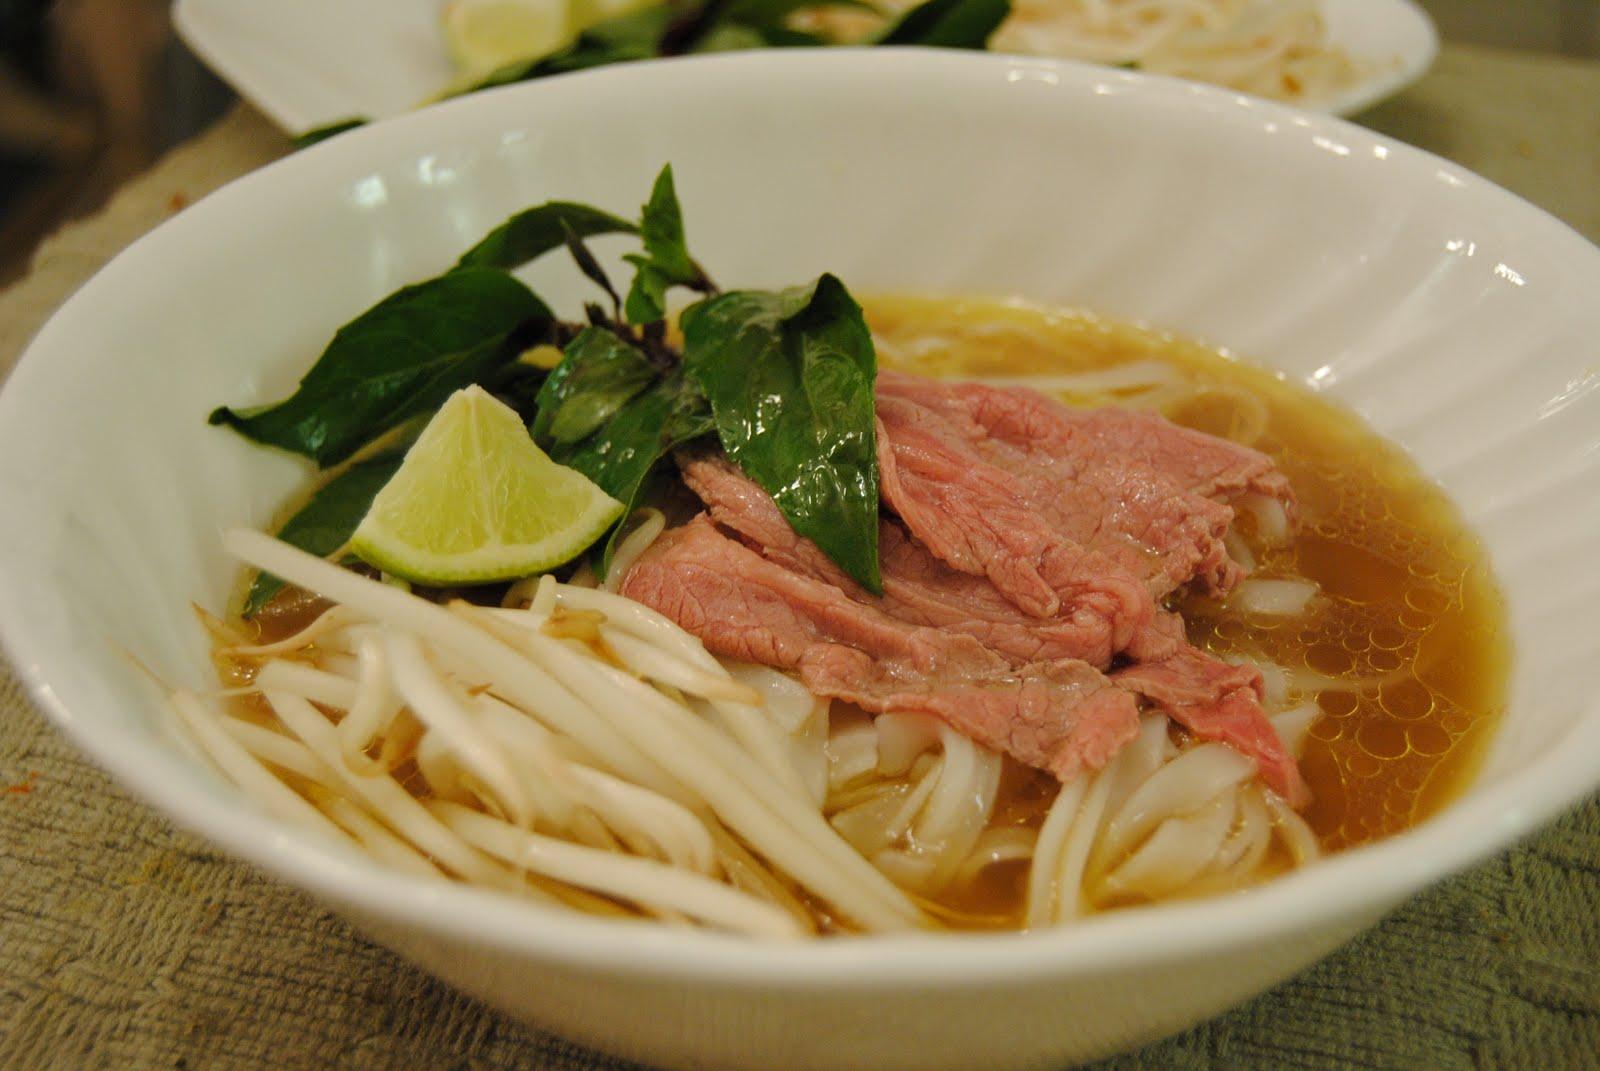 Malikala's Ono Kine Grinds: Crockpot Pho (Vietnamese Beef Noodle Soup)